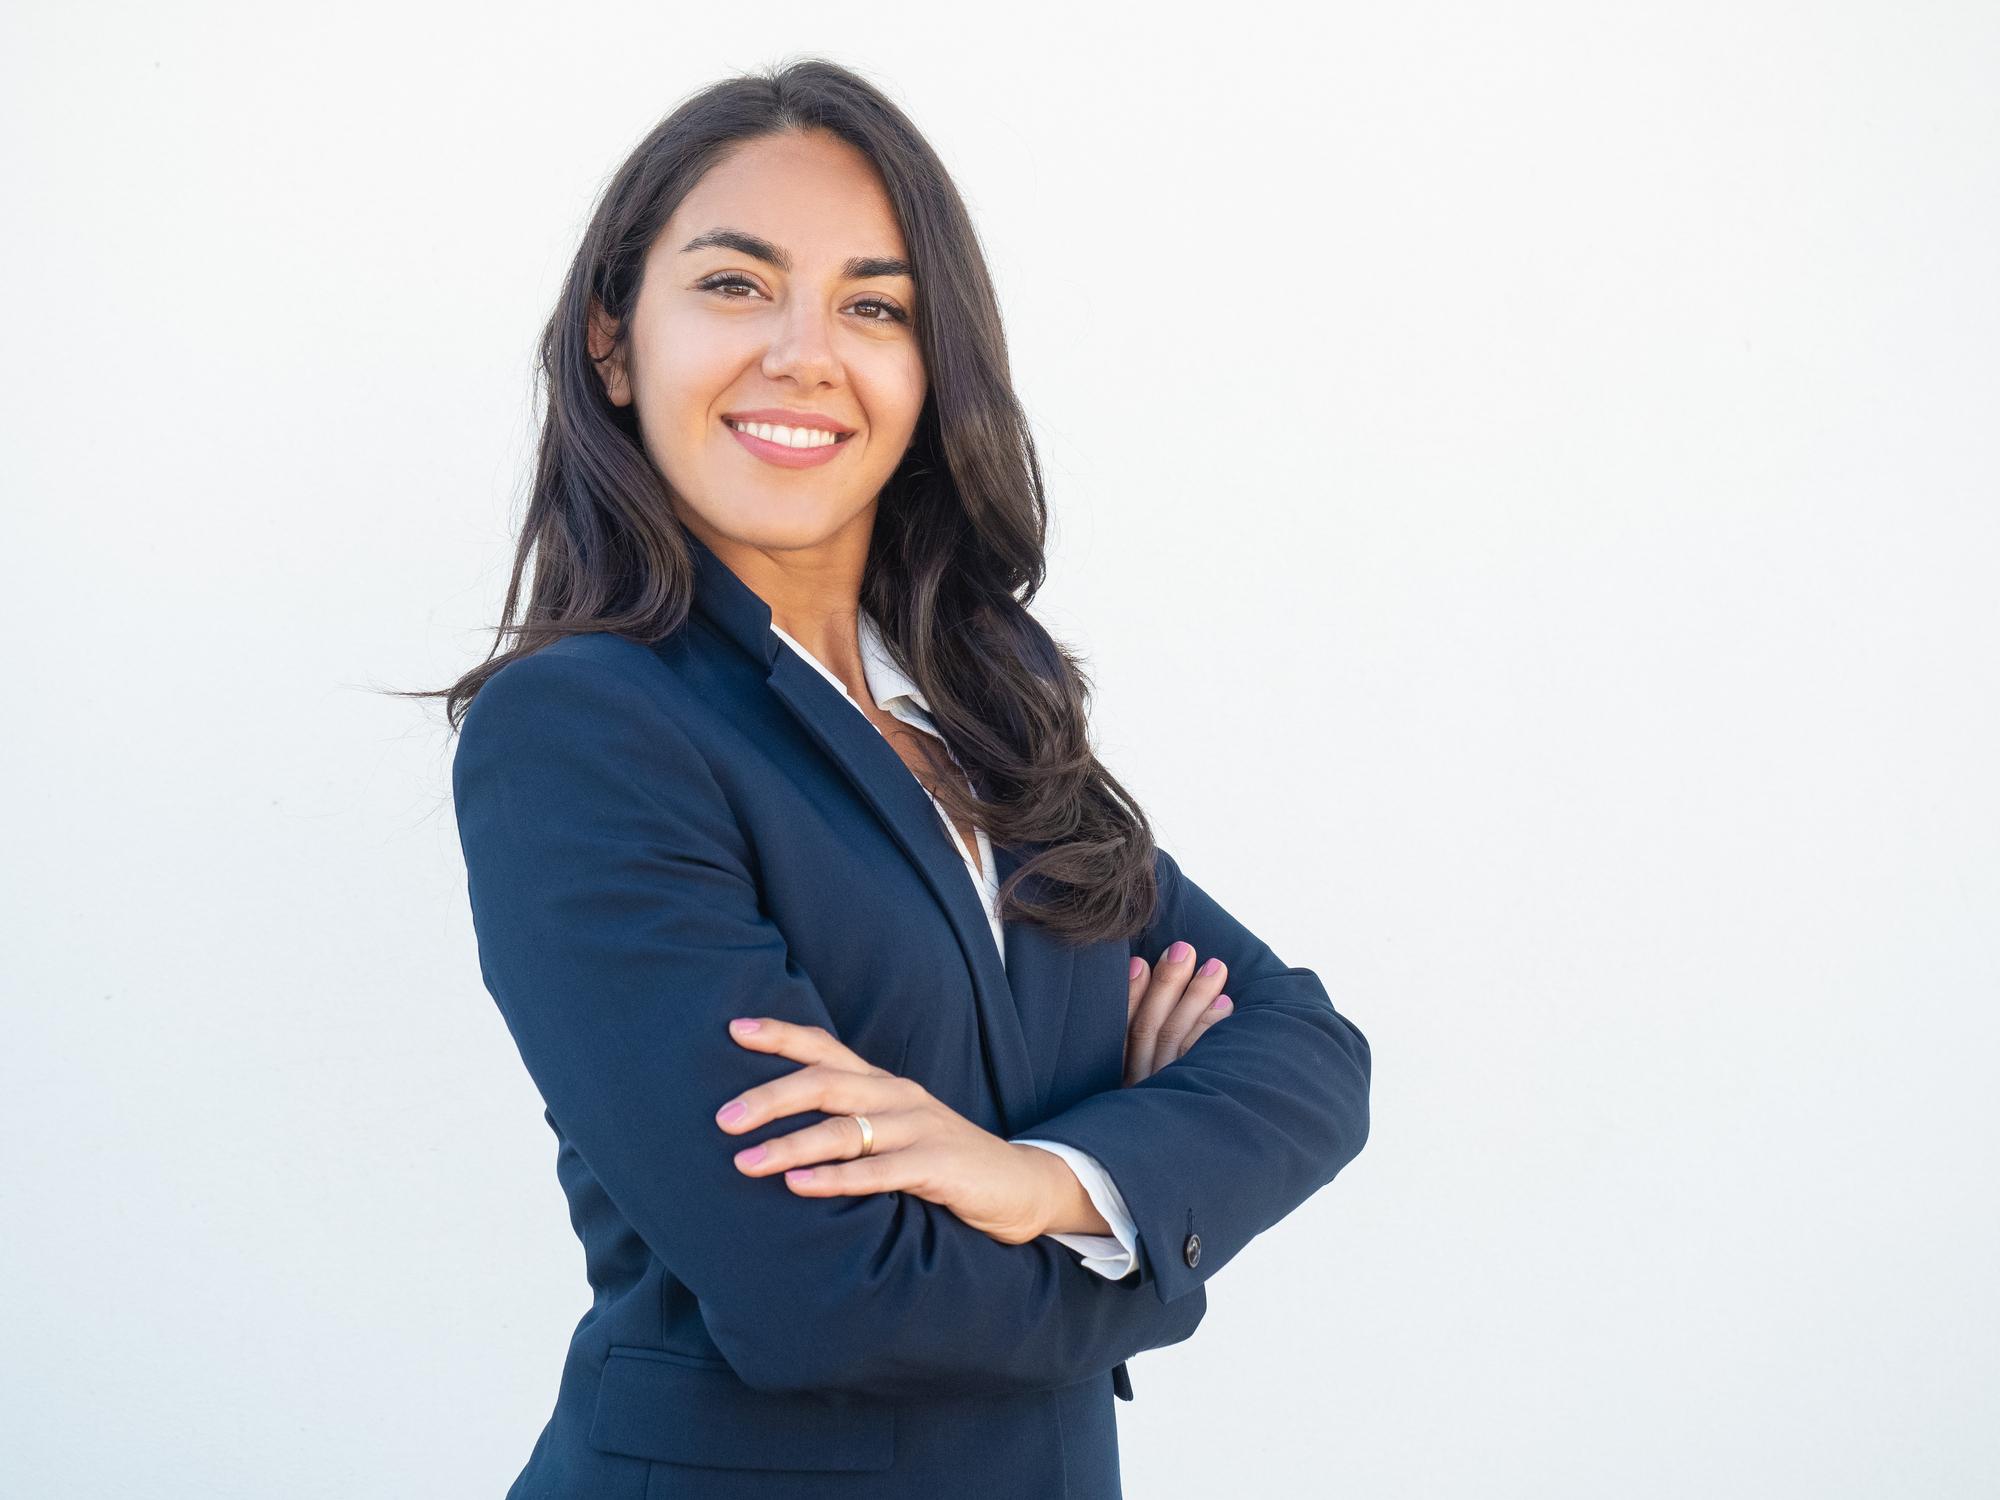 Une femme d'affaires fière de son logiciel de gestion de contrats Approovd